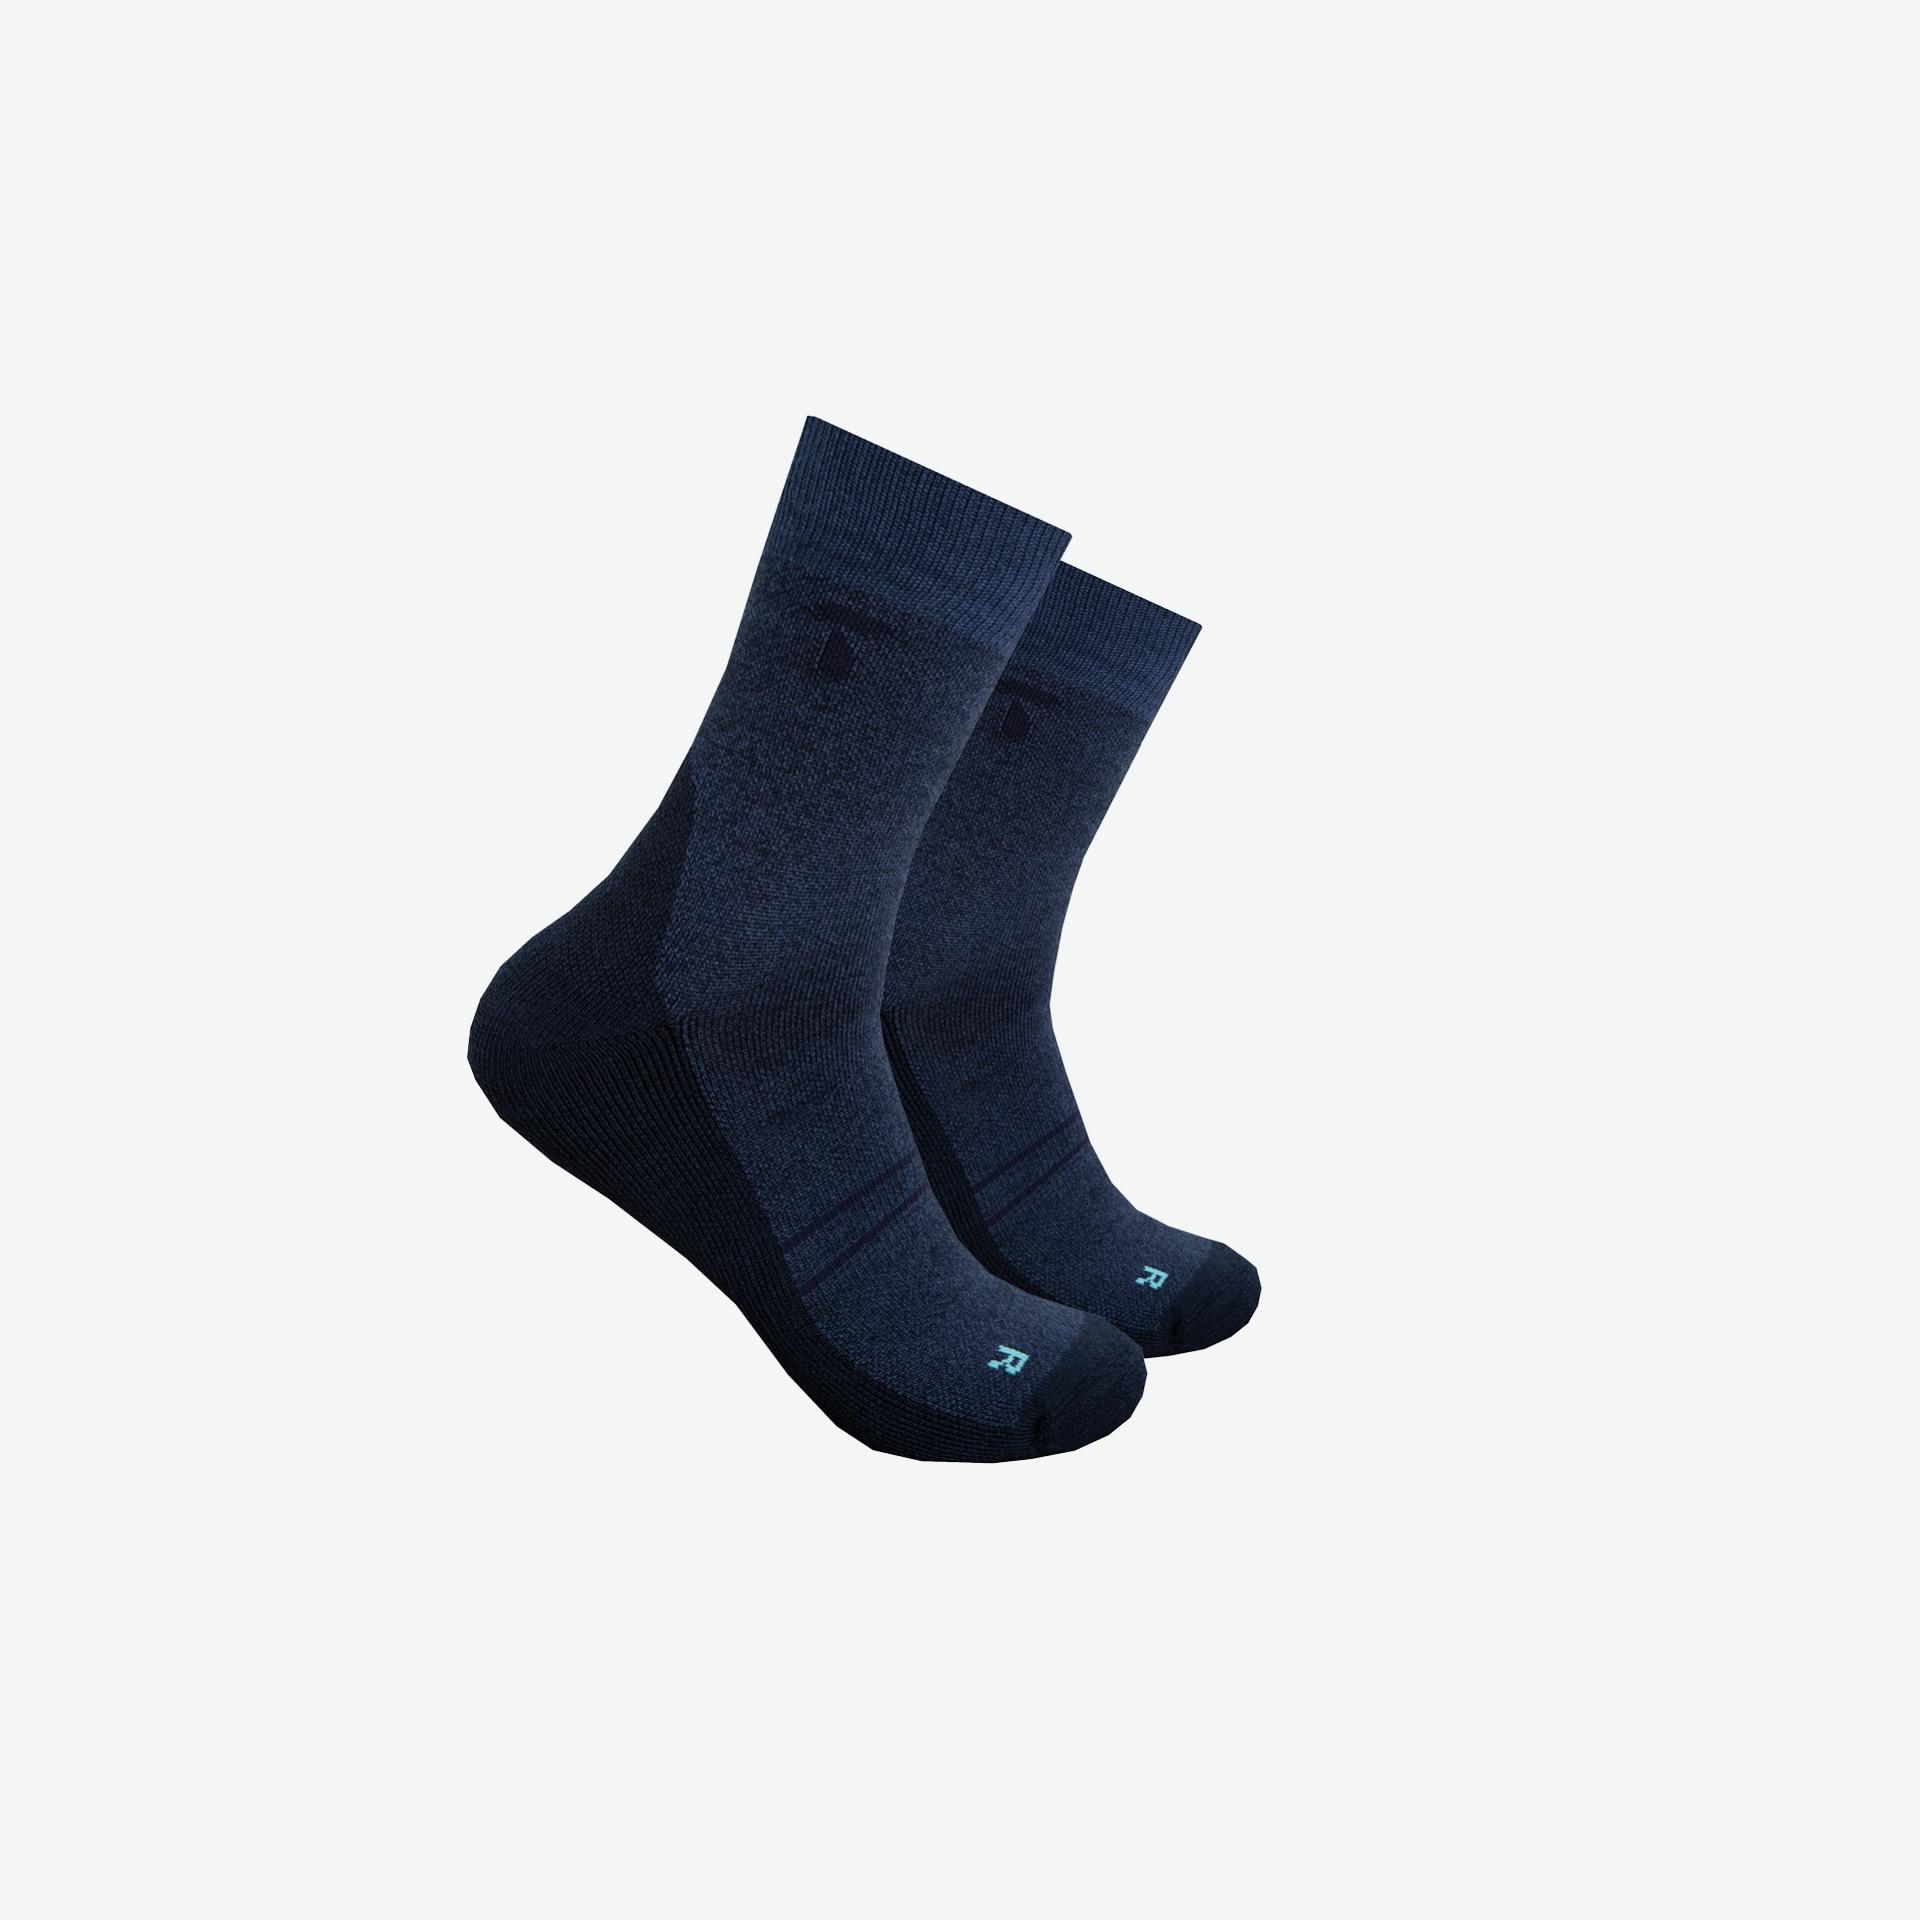 Tufte Unisex Merino Medium Crew Sock